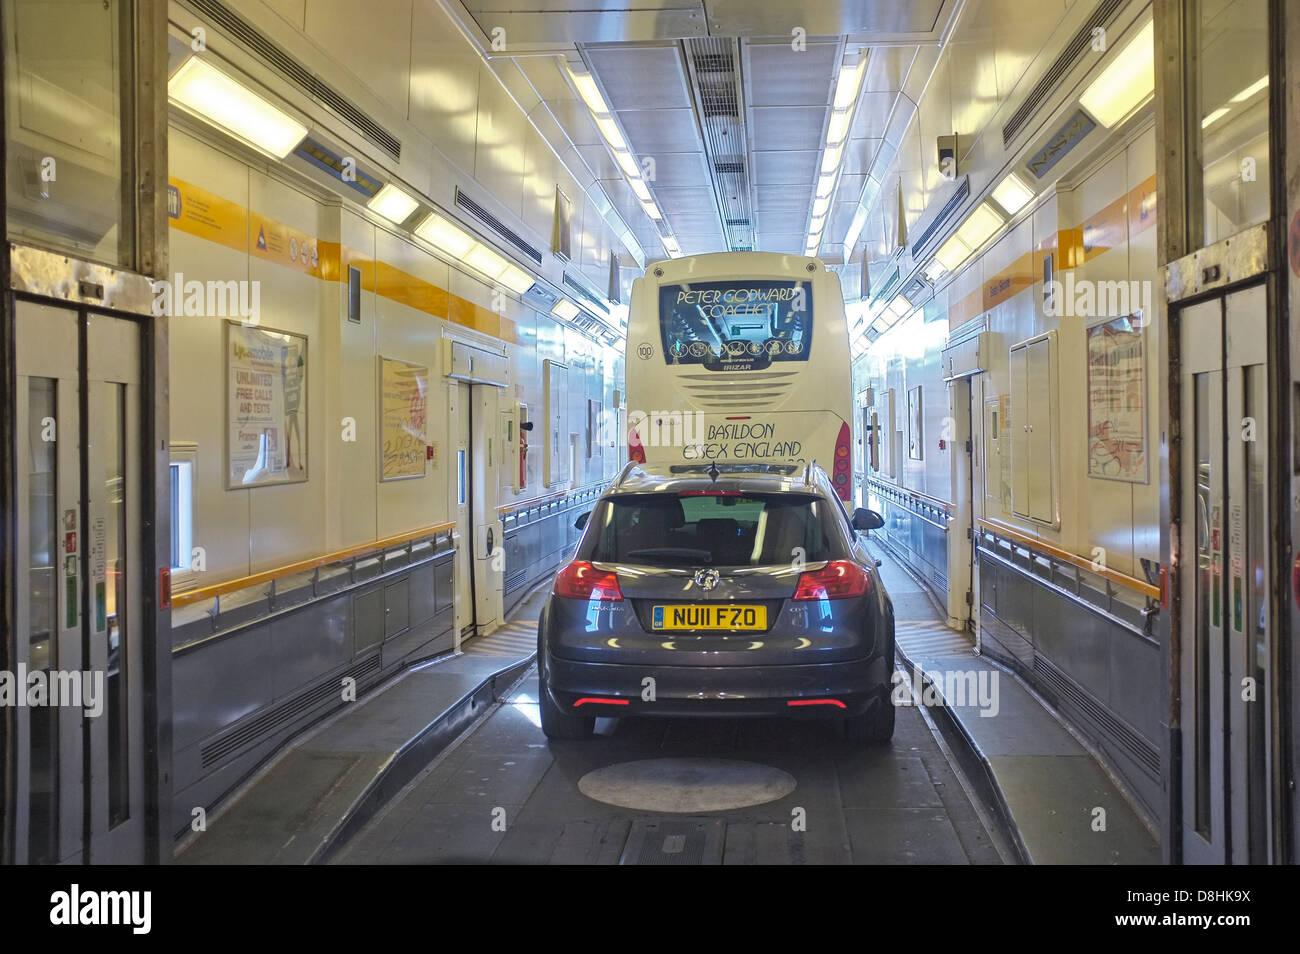 Eurotunnel Folkestone Stock Photos Eurotunnel Folkestone Stock